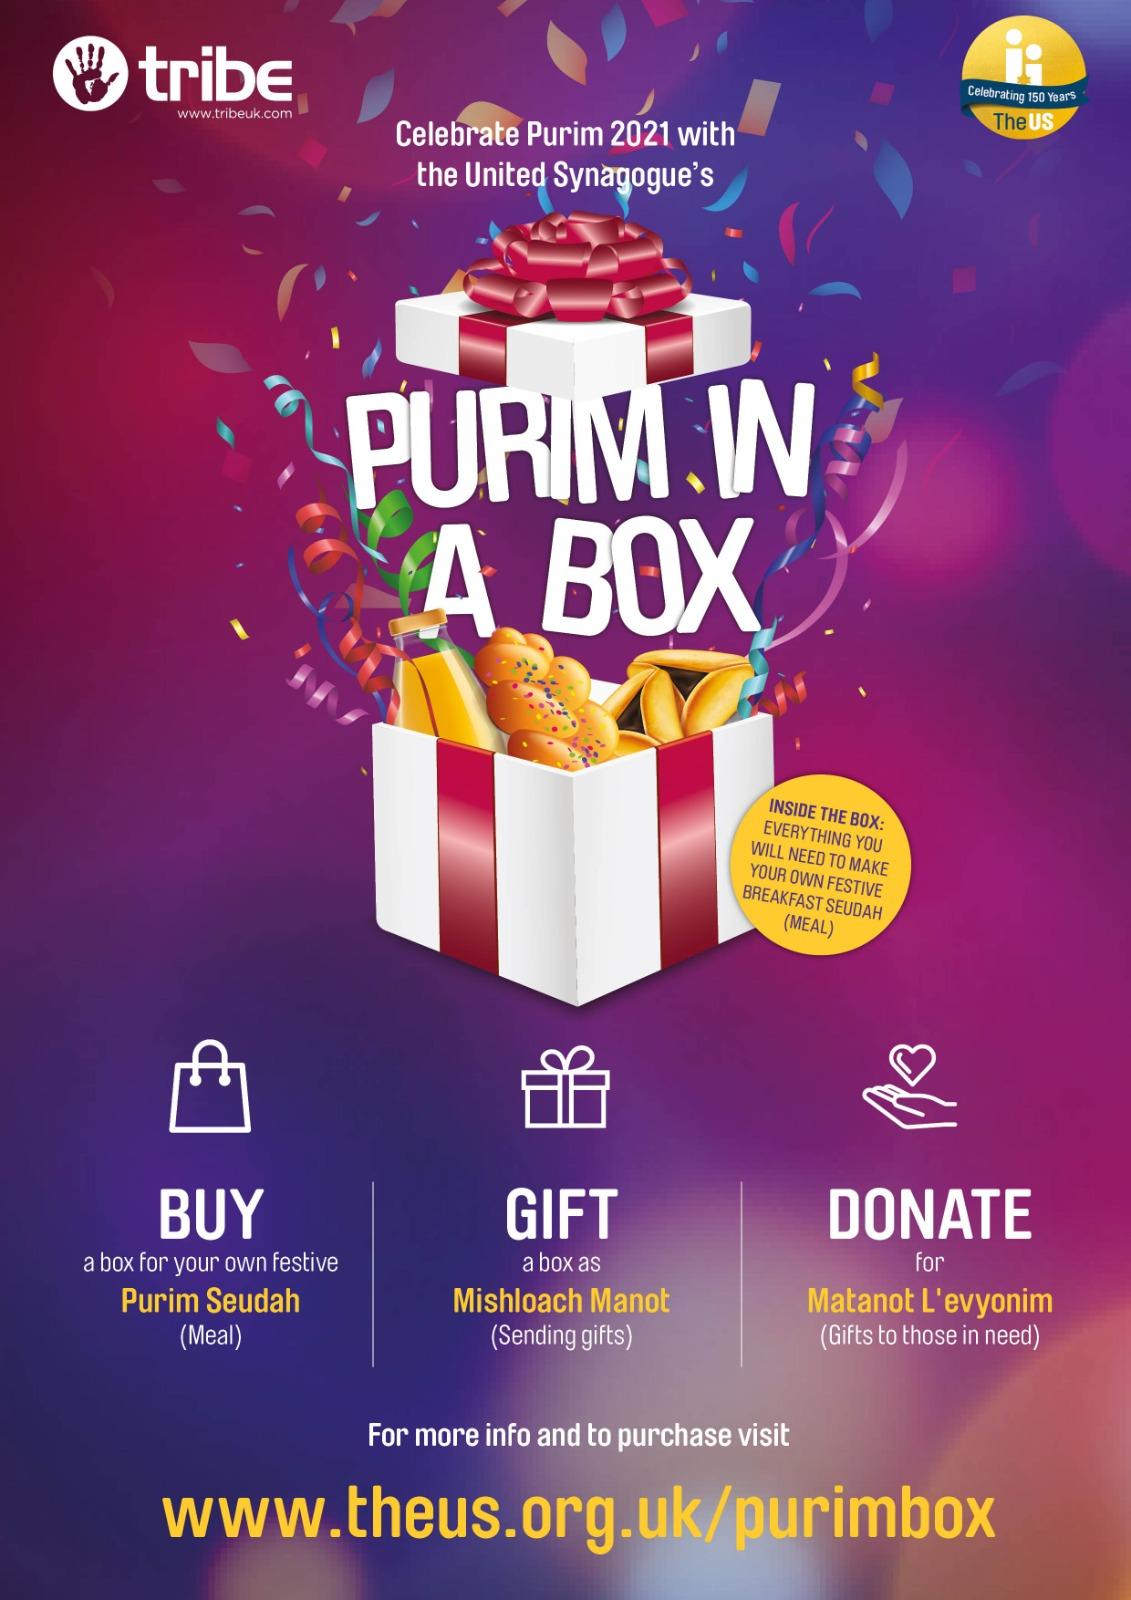 Purim in a Box